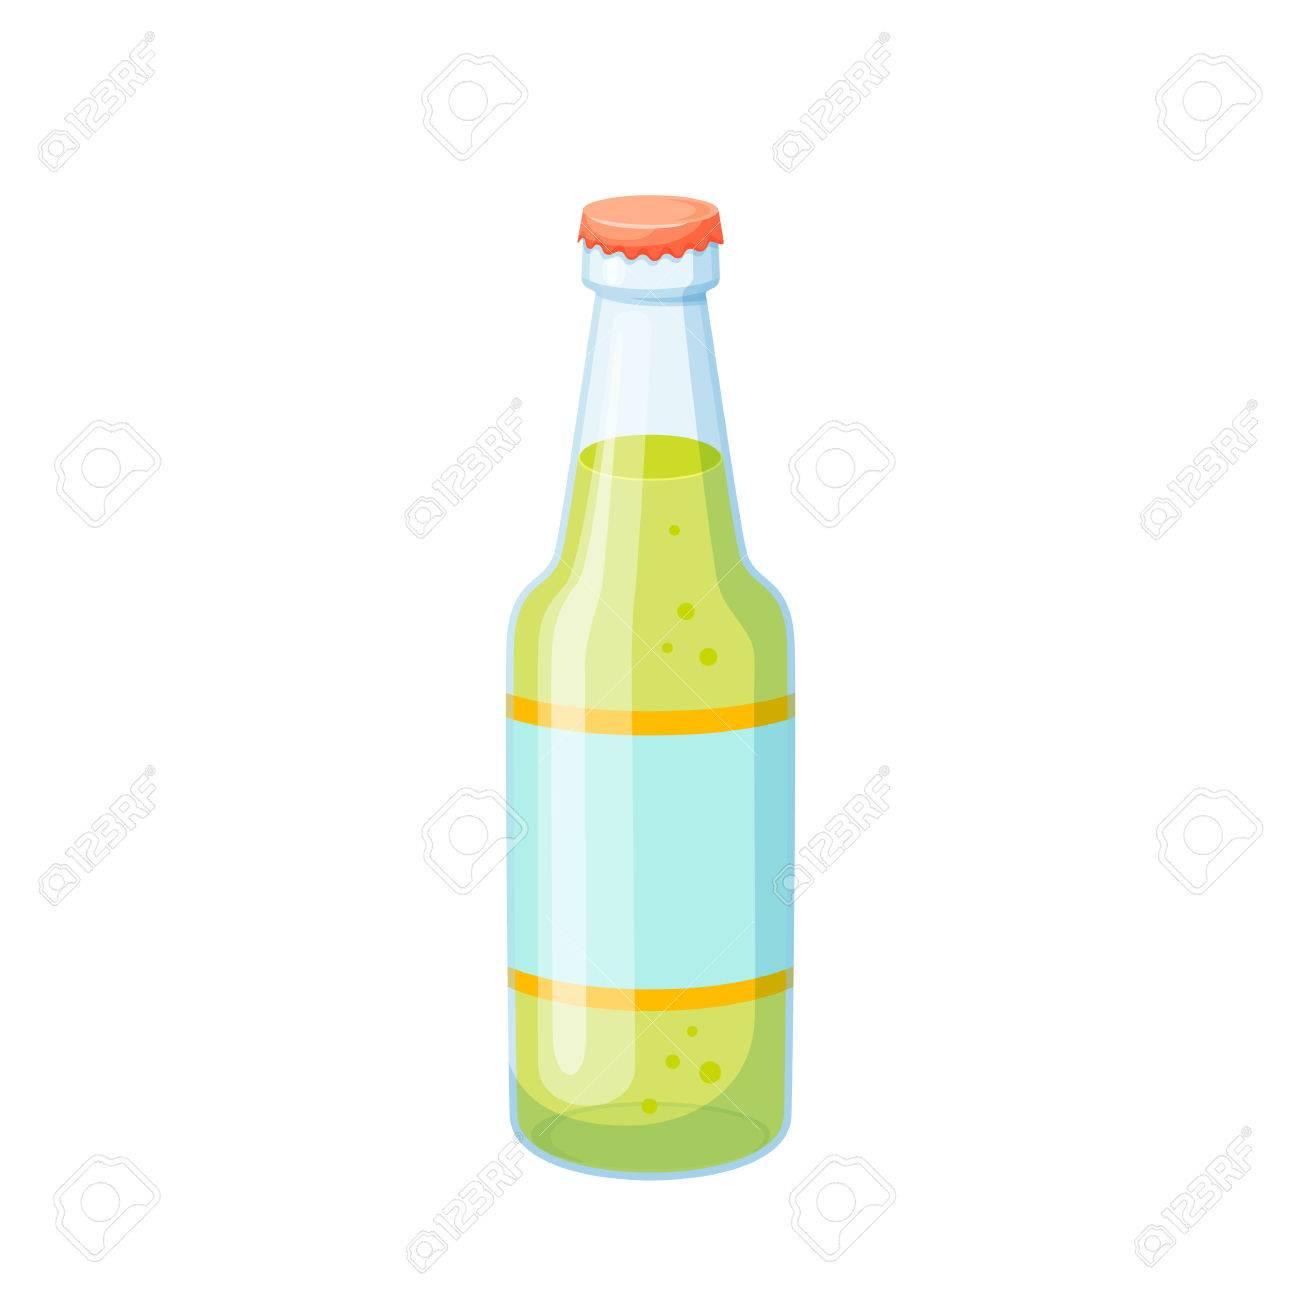 ソーダの瓶ドリンクソーダ ガラス瓶はベクトル イラストです飲料